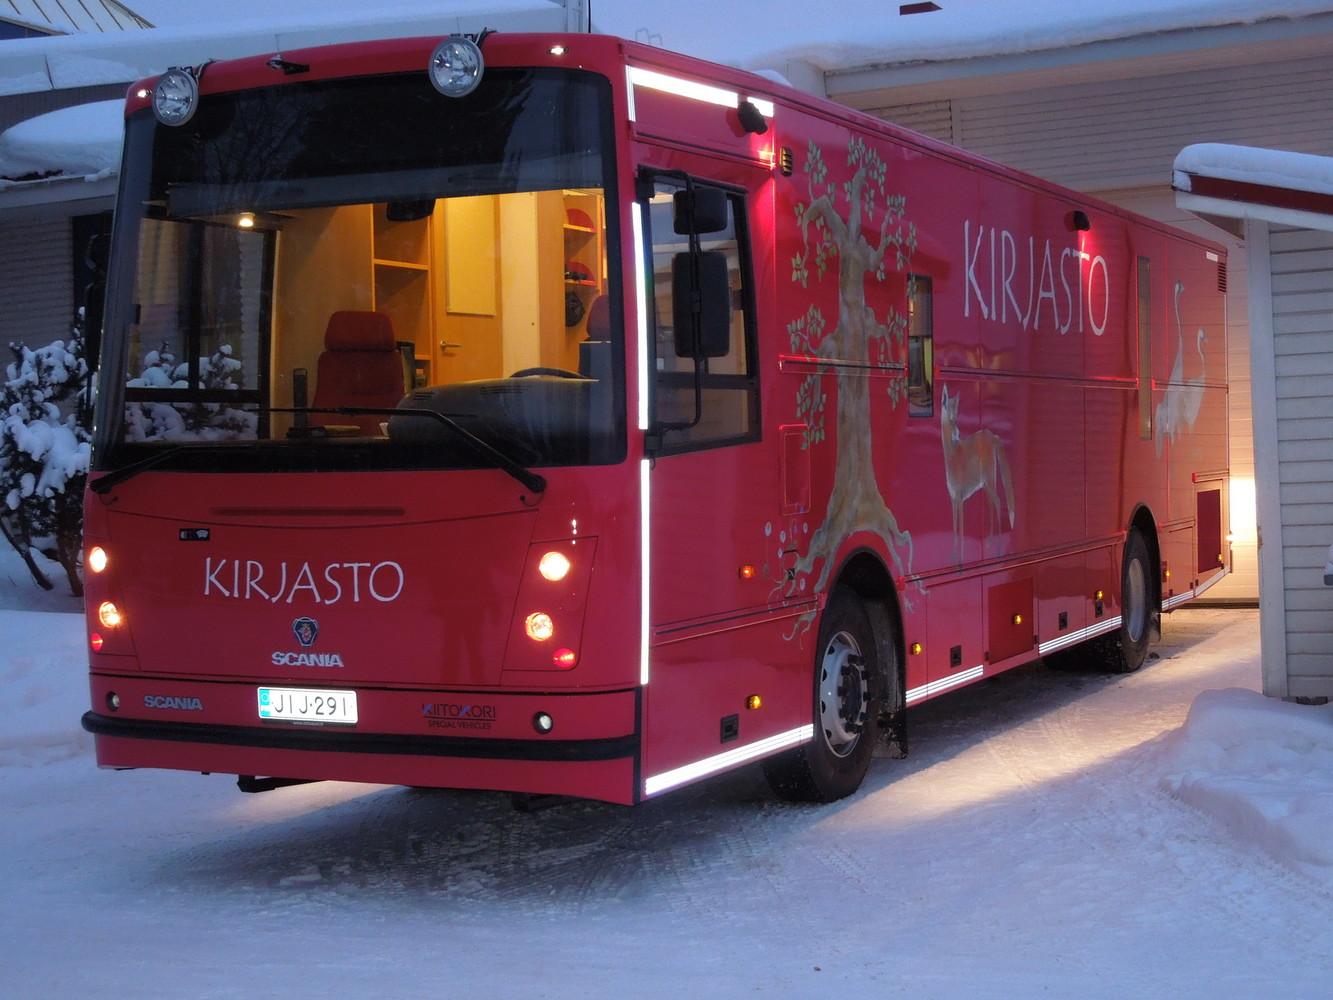 Liperin, Outokummun ja Polvijärven kirjastoauto